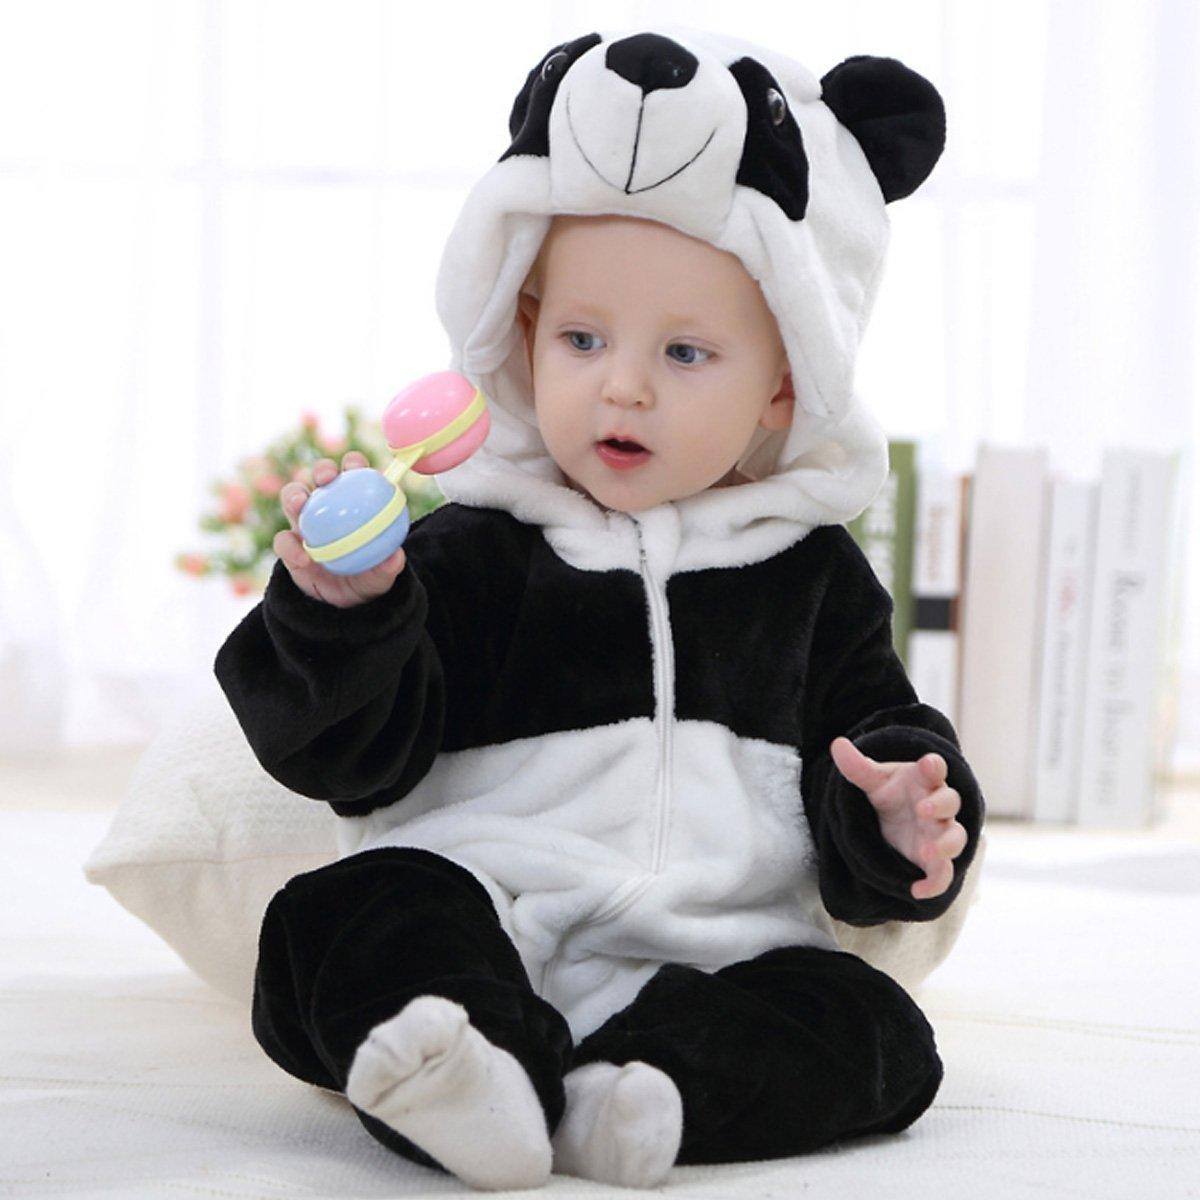 dbed7f463 Amazon.com  Happy Cherry Unisex Baby Animal Onesies Romper Toddler ...